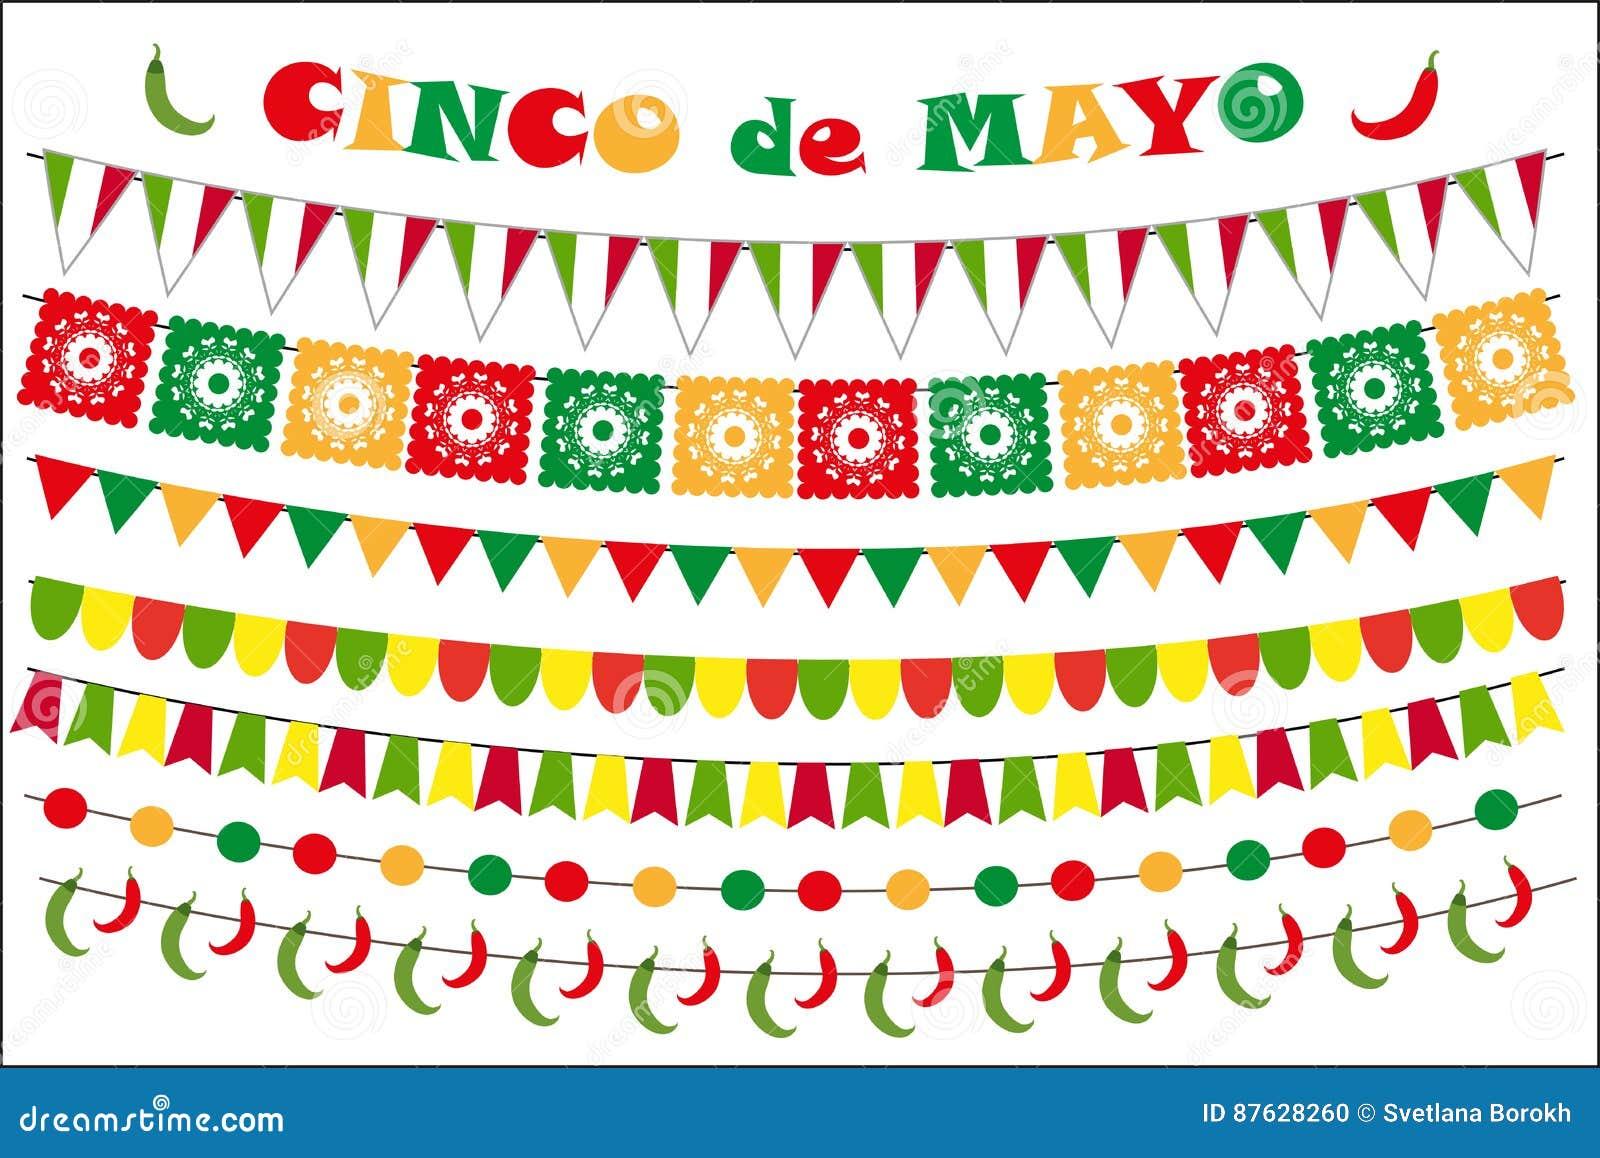 Cinco de Mayo berömuppsättning av kulöra flaggor, girlander som bunting Plan stil, på vit bakgrund vektor